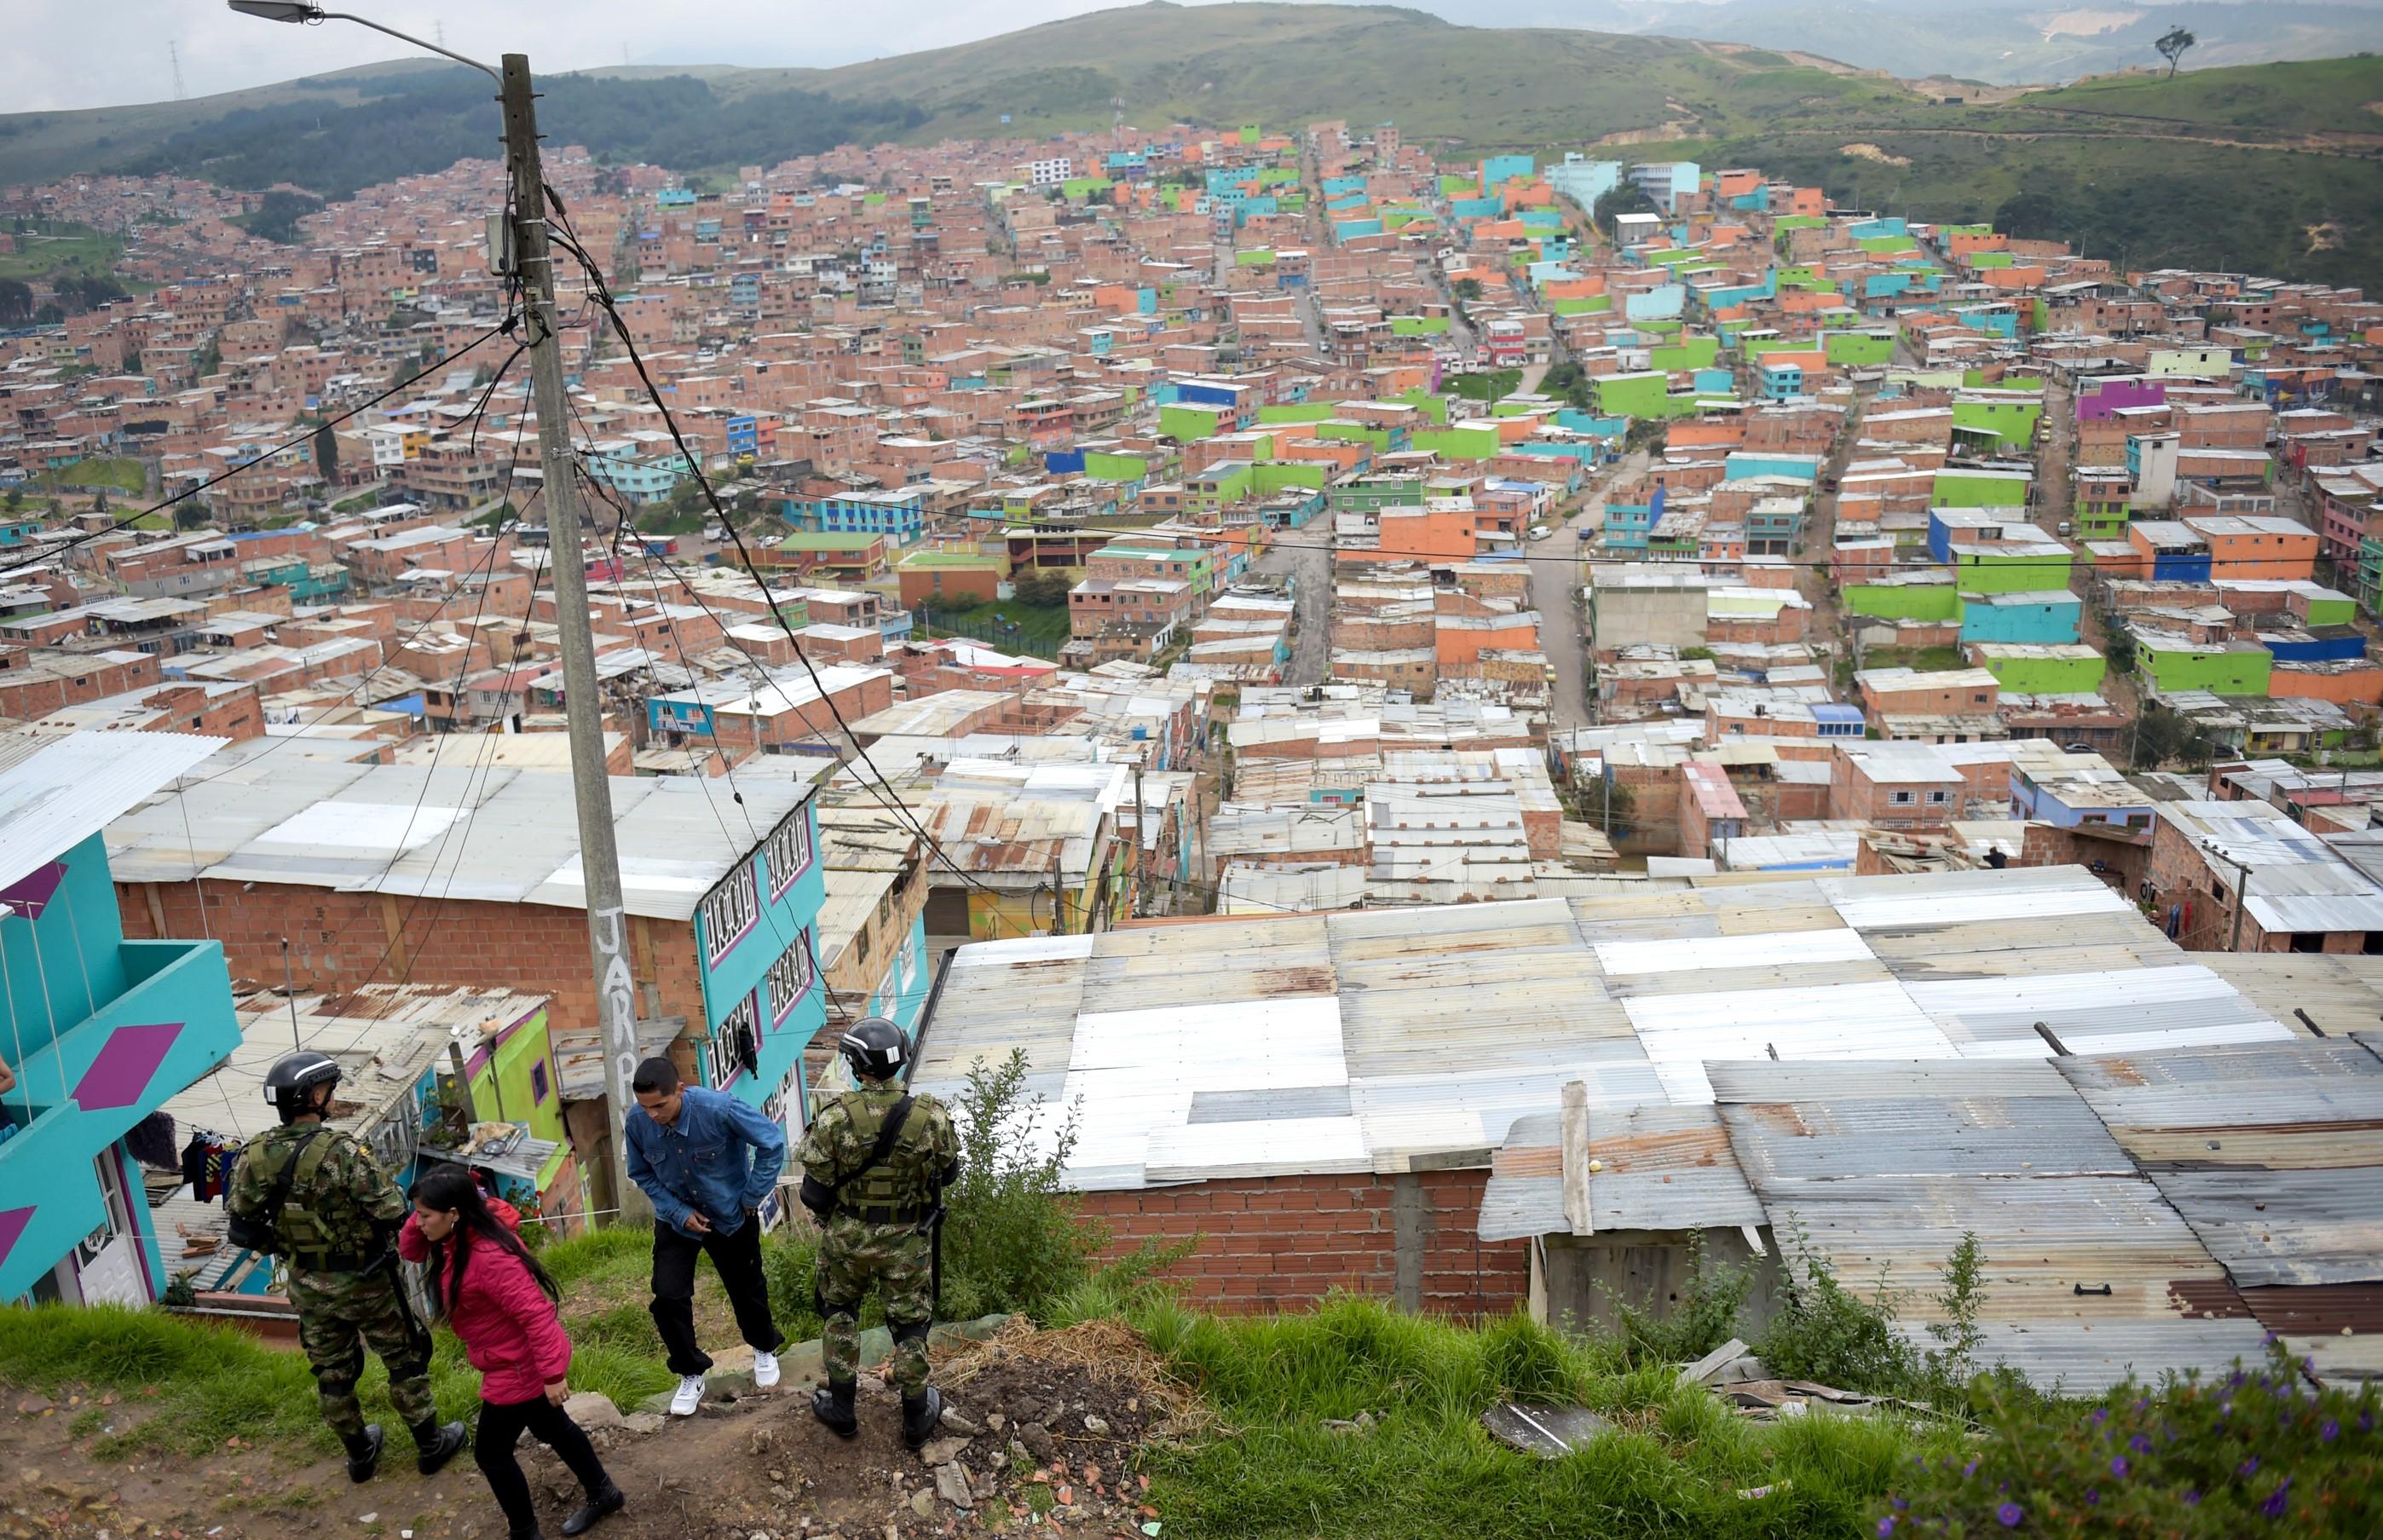 Refuerzan seguridad en la localidad de Ciudad Bolívar por temporada decembrina - La FM